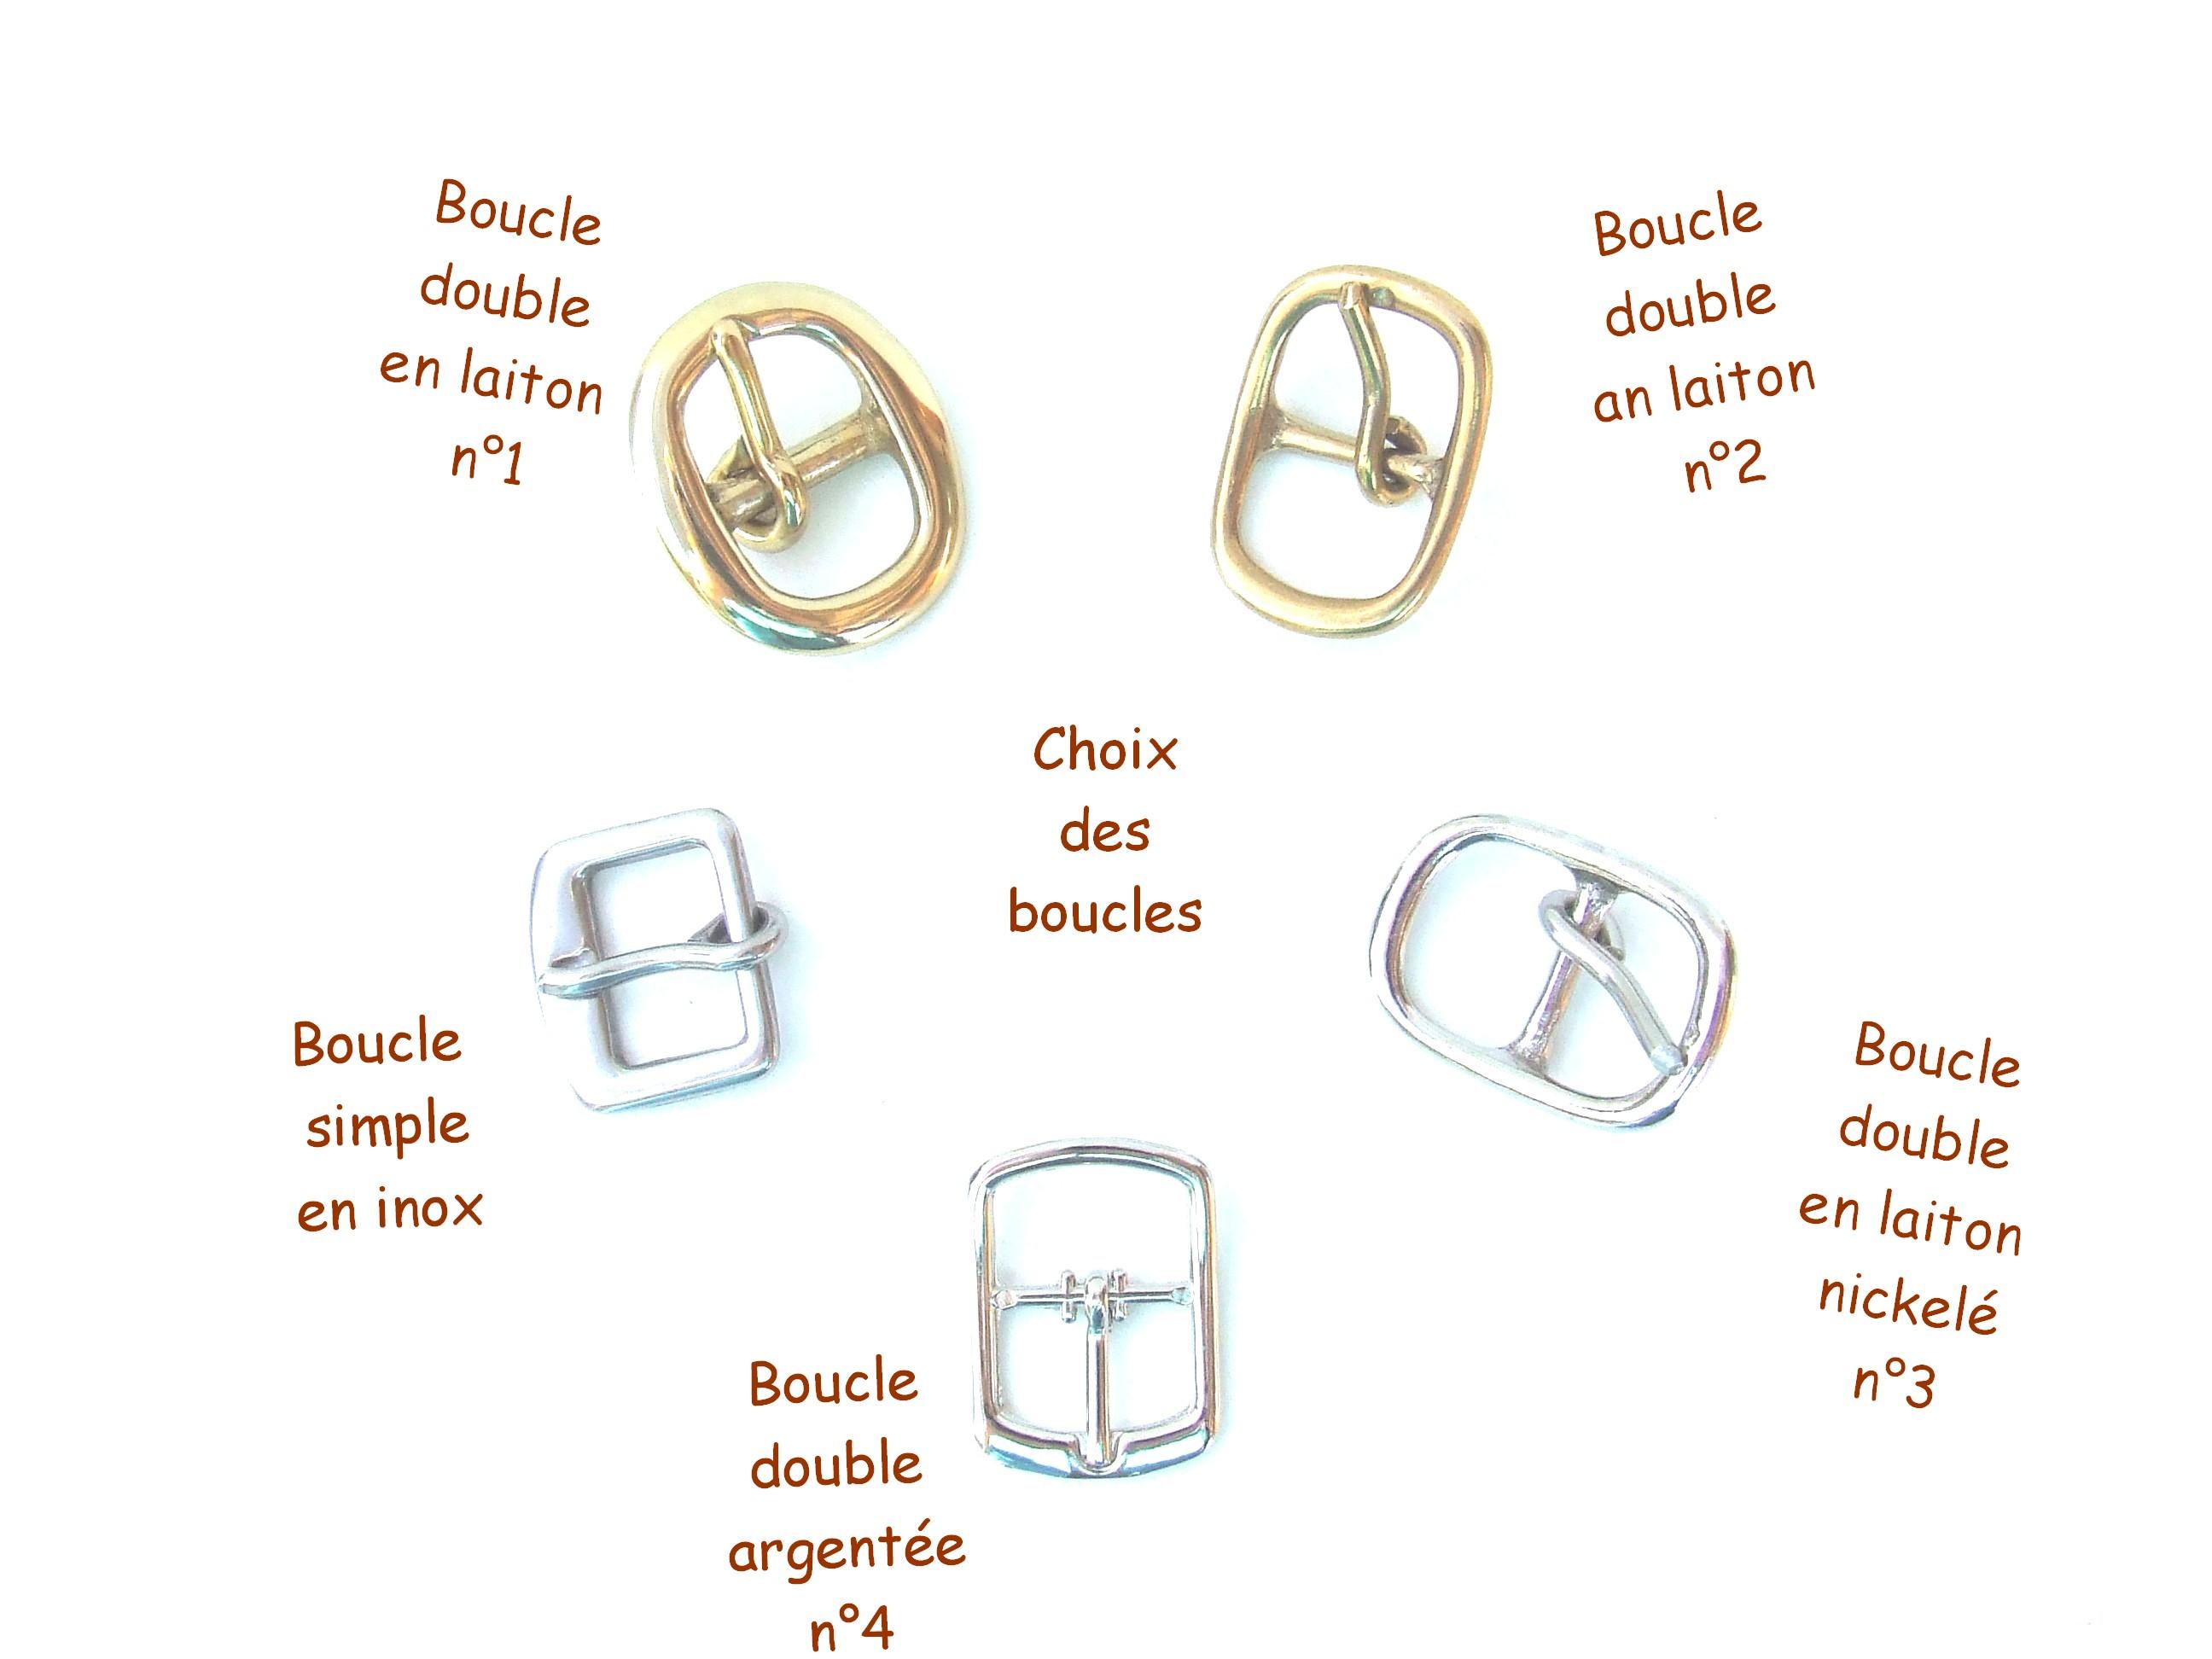 Boucles bracelets de force en 1,5 cm avec annotations de couleurs et matières